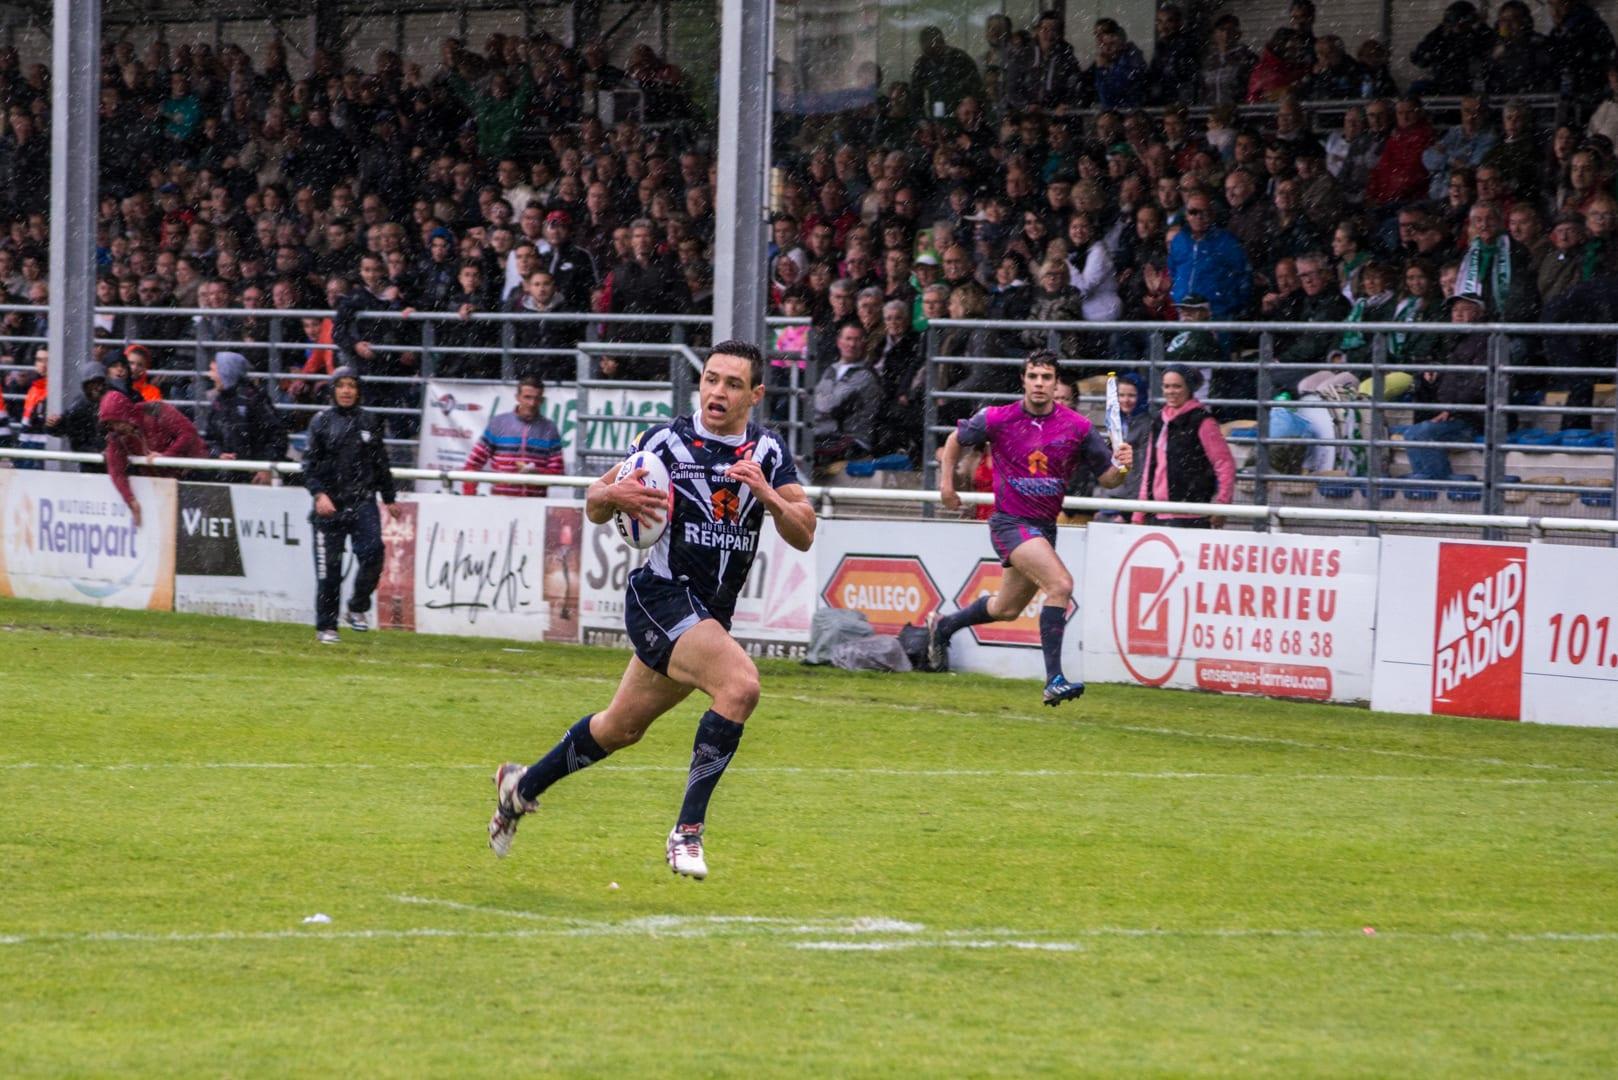 Photo de la demi finale du championnat de France de Rugby à XIII, Toulouse - Villeneuve 20